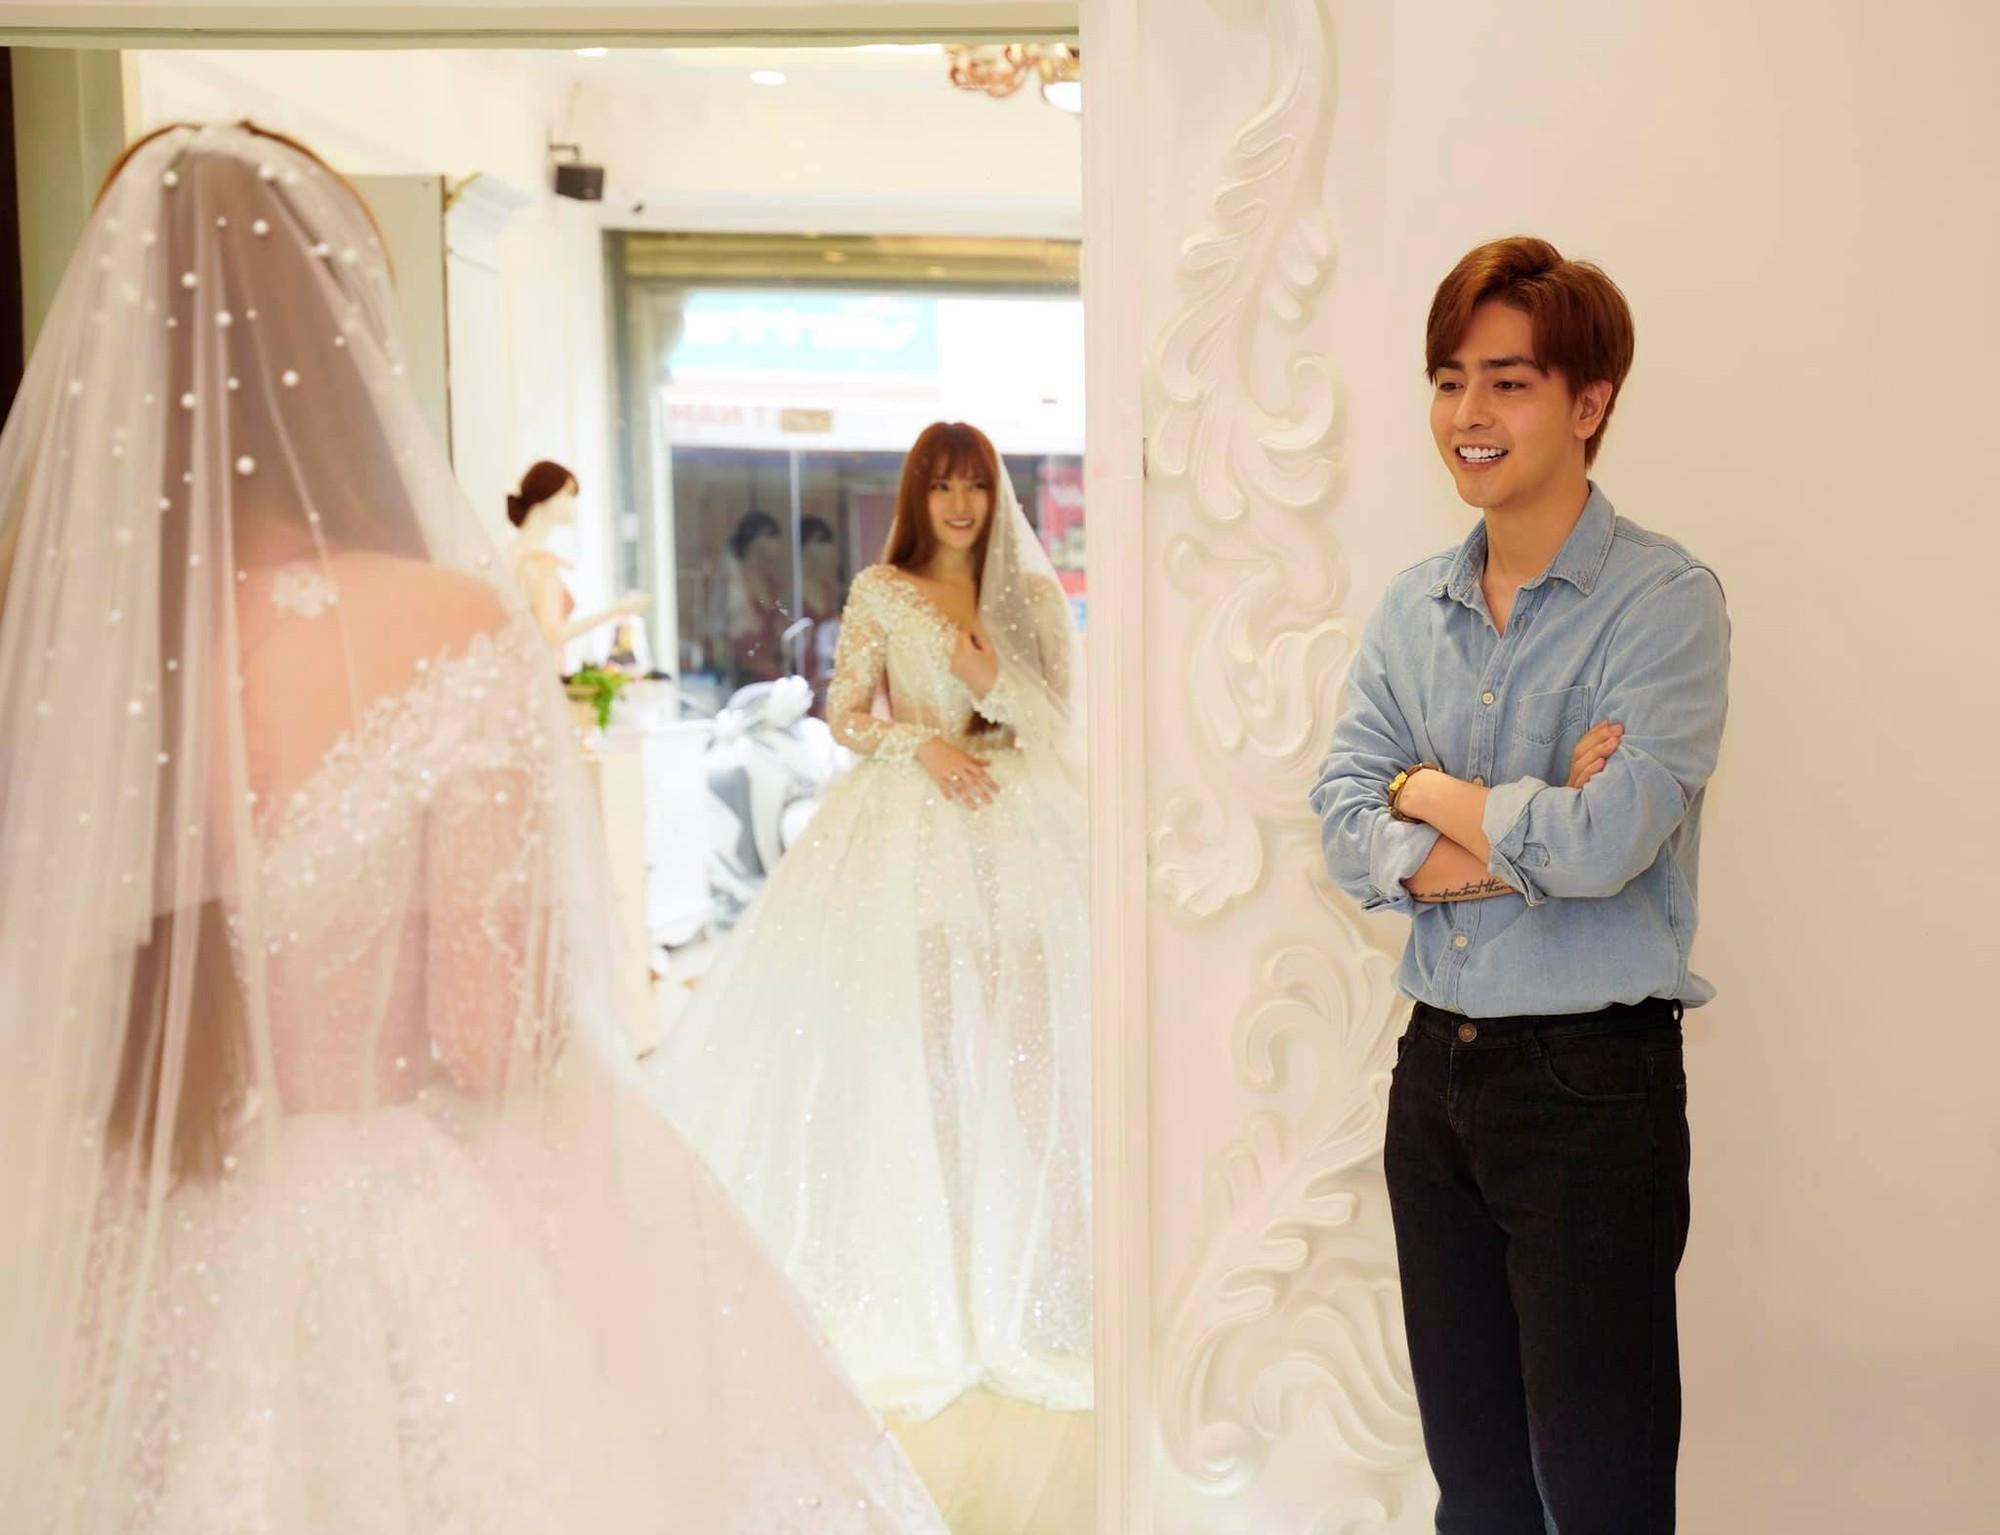 Thu Thủy cùng tình trẻ đi thử đồ cưới, đưa ra câu trả lời rõ ràng về thông tin cưới chạy bầu-6